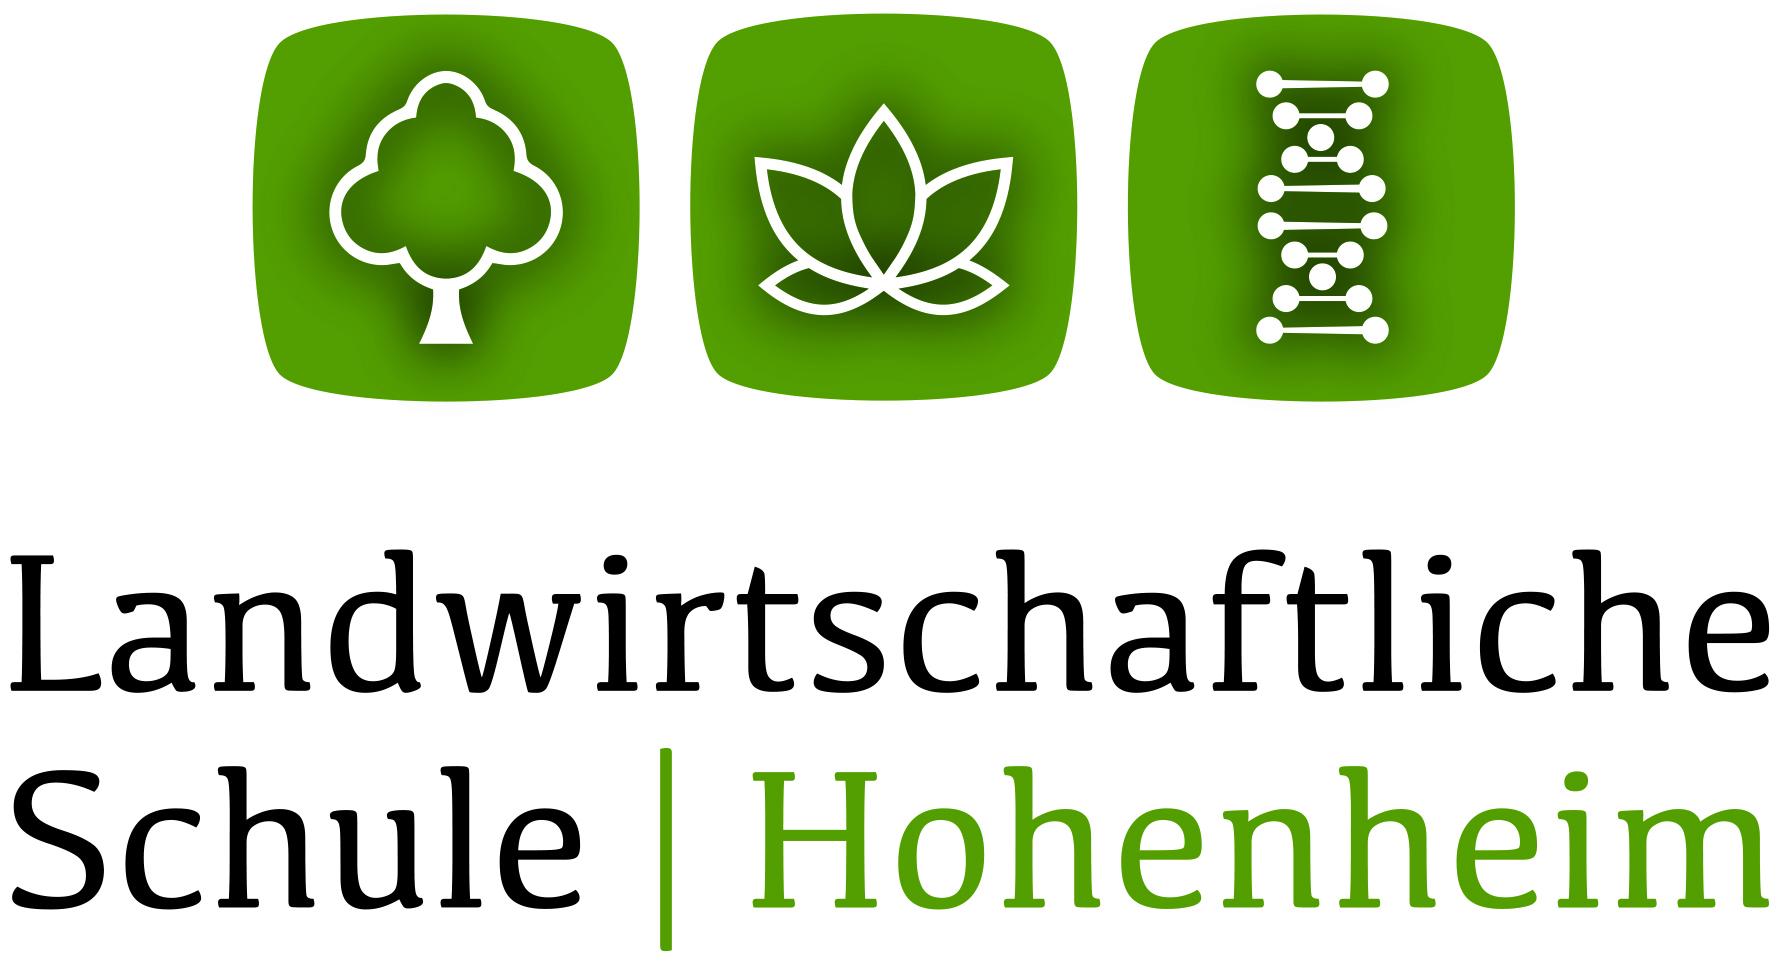 Landwirtschaftliche Schule Hohenheim